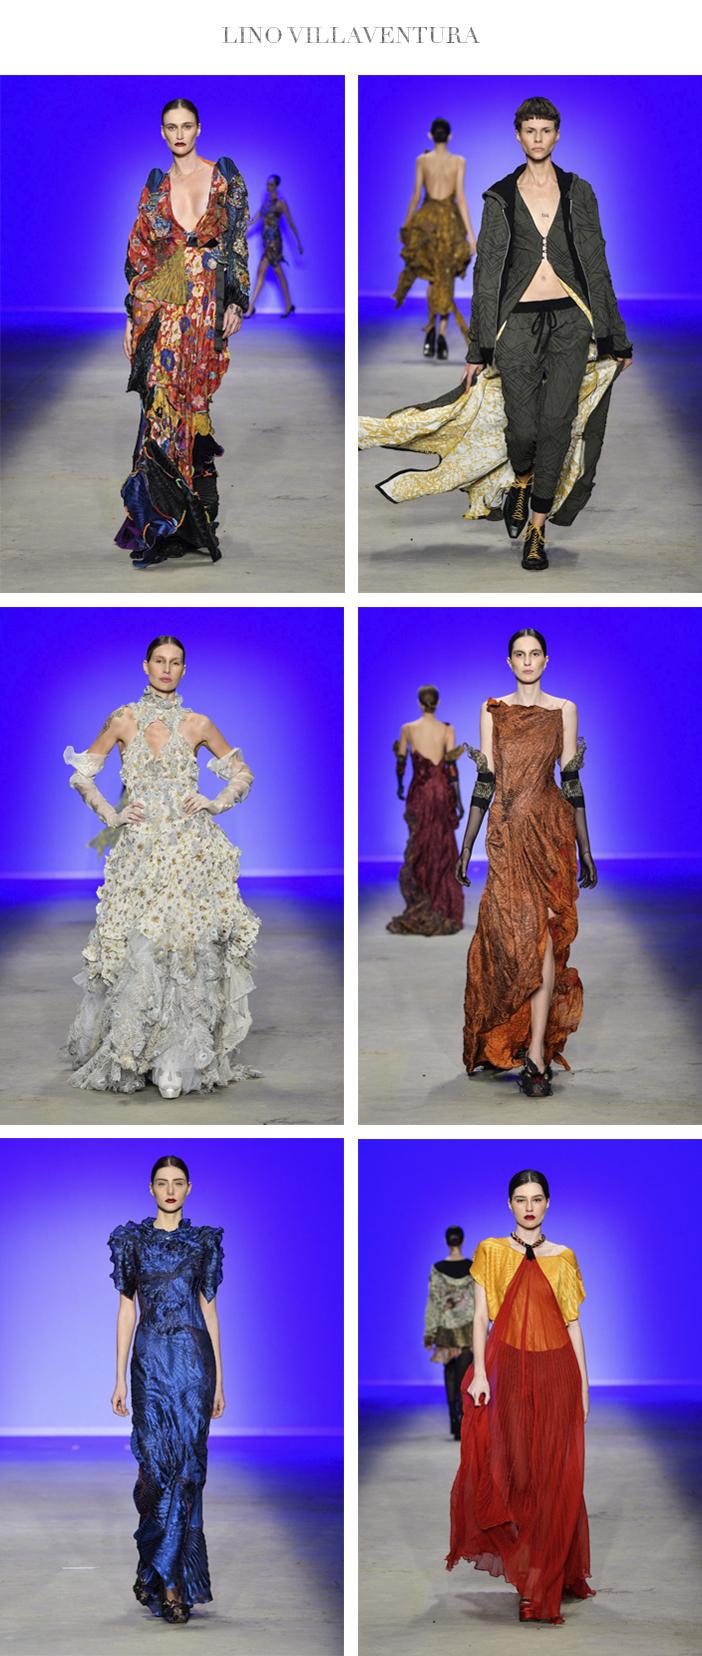 São Paulo Fashion Week N46 Parte 3 Lino Villaventura